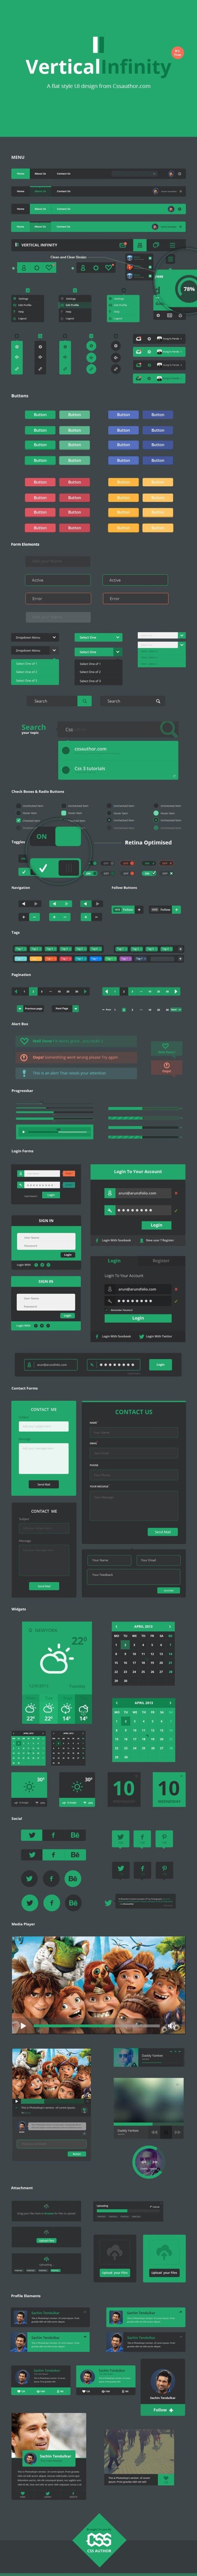 Vertical Infinity – A Mega Flat Style UI Kit PSD